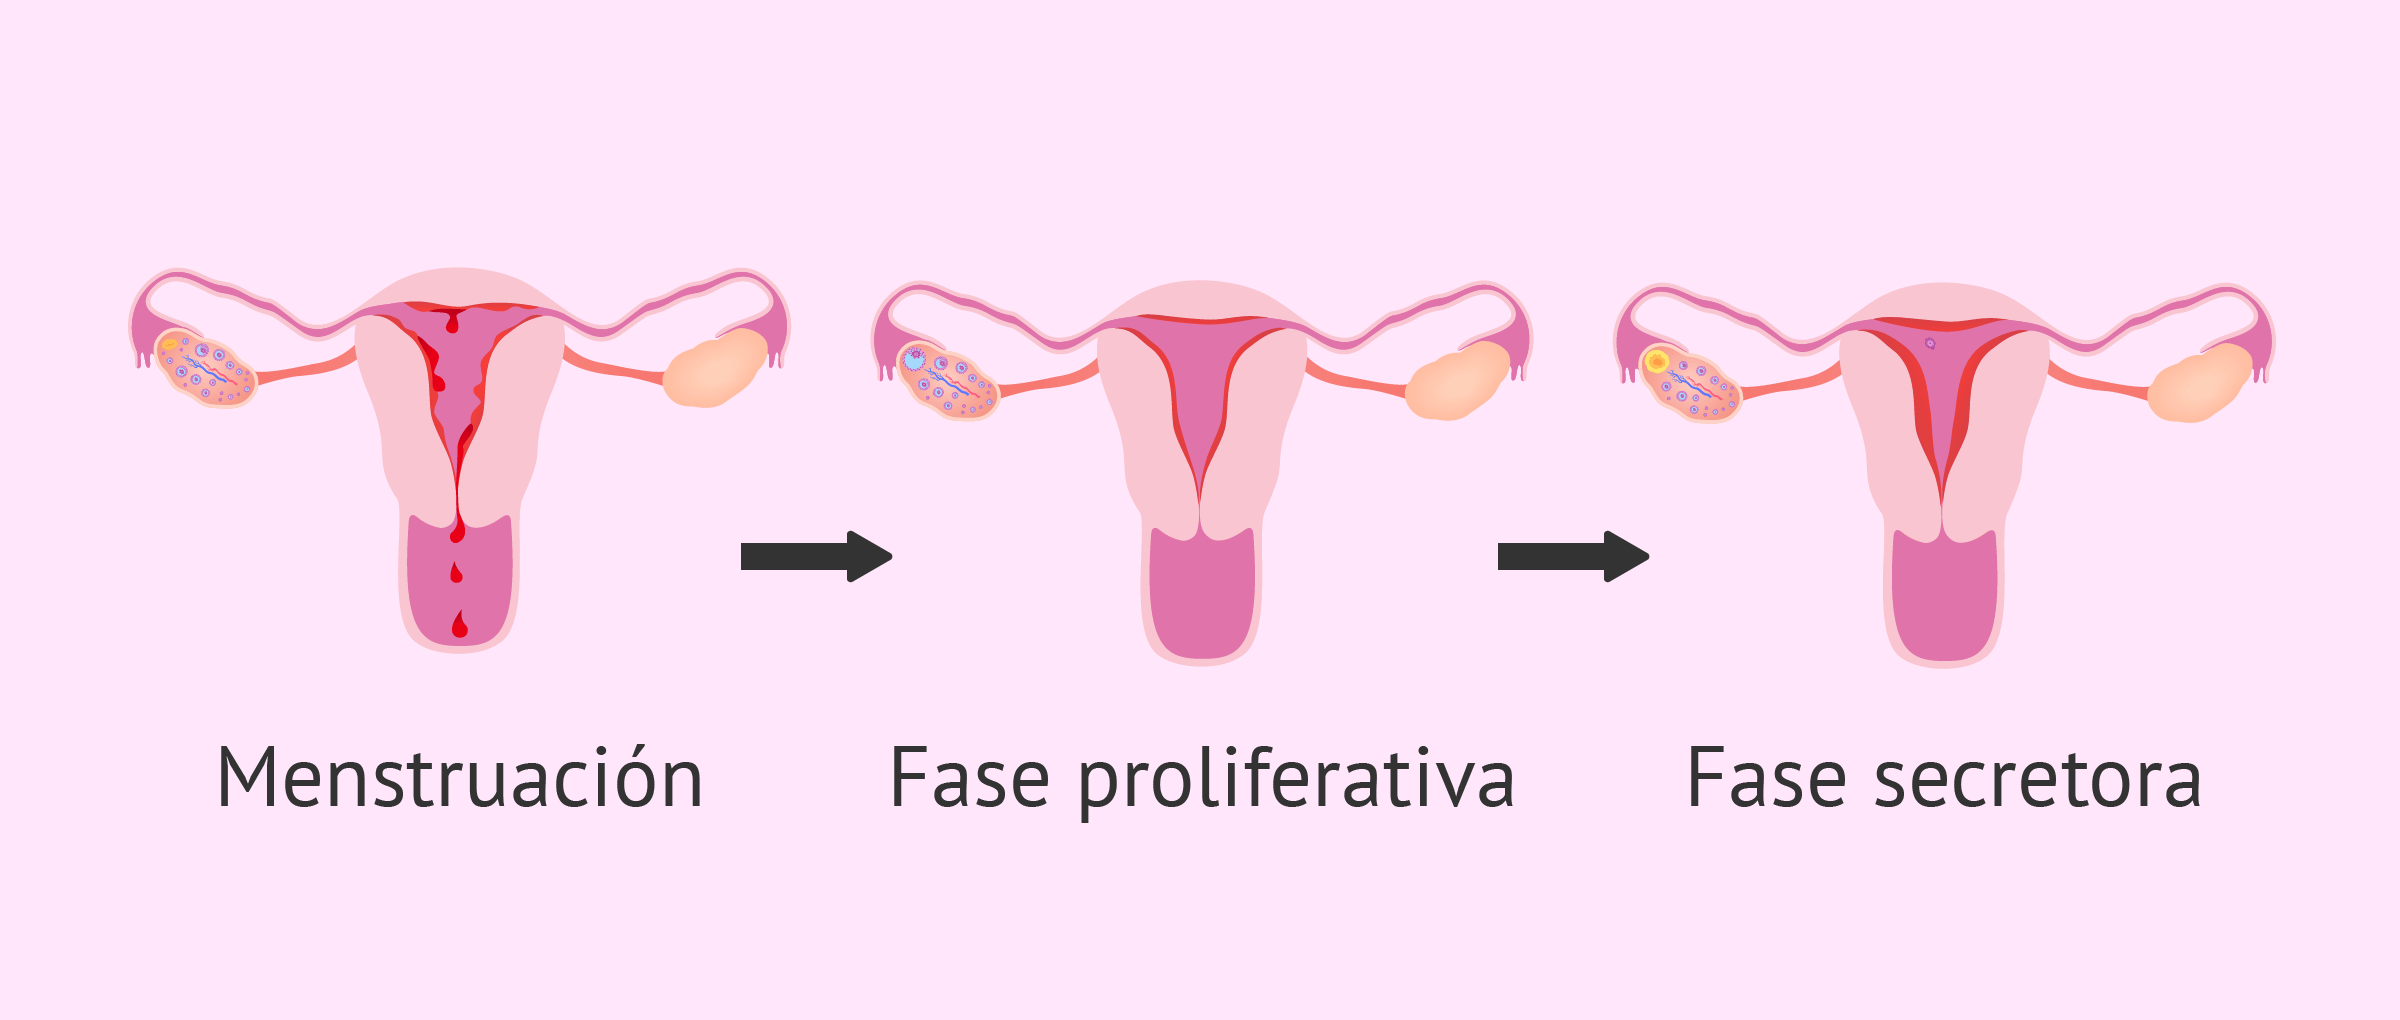 La menstruación